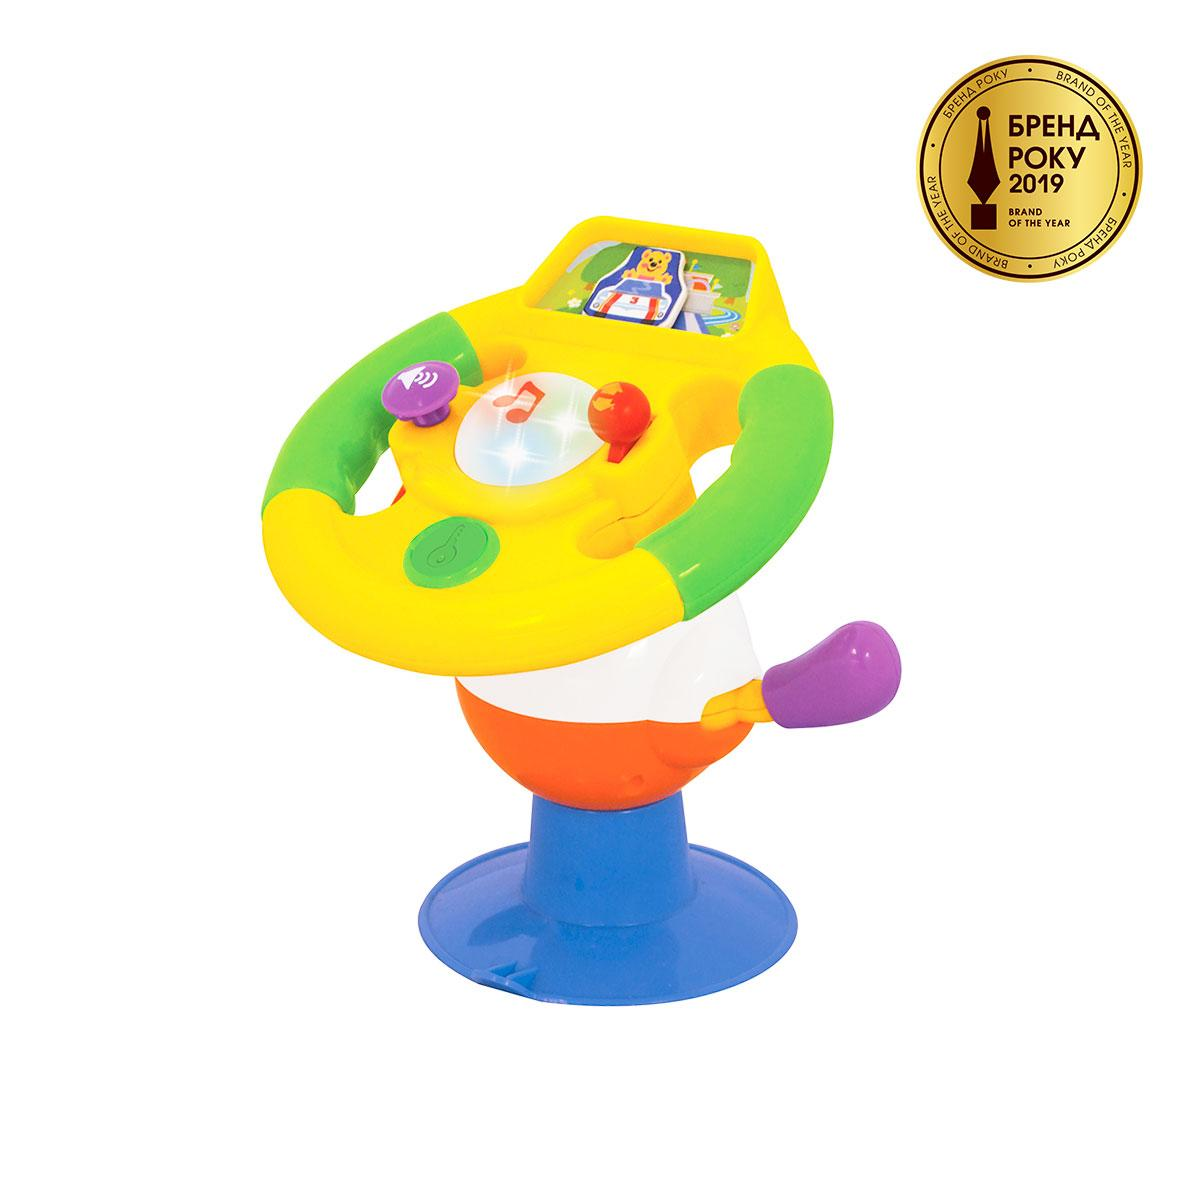 Игрушка На Присоске - Умный Руль (Украинский) Kiddieland Steering Wheel 058305